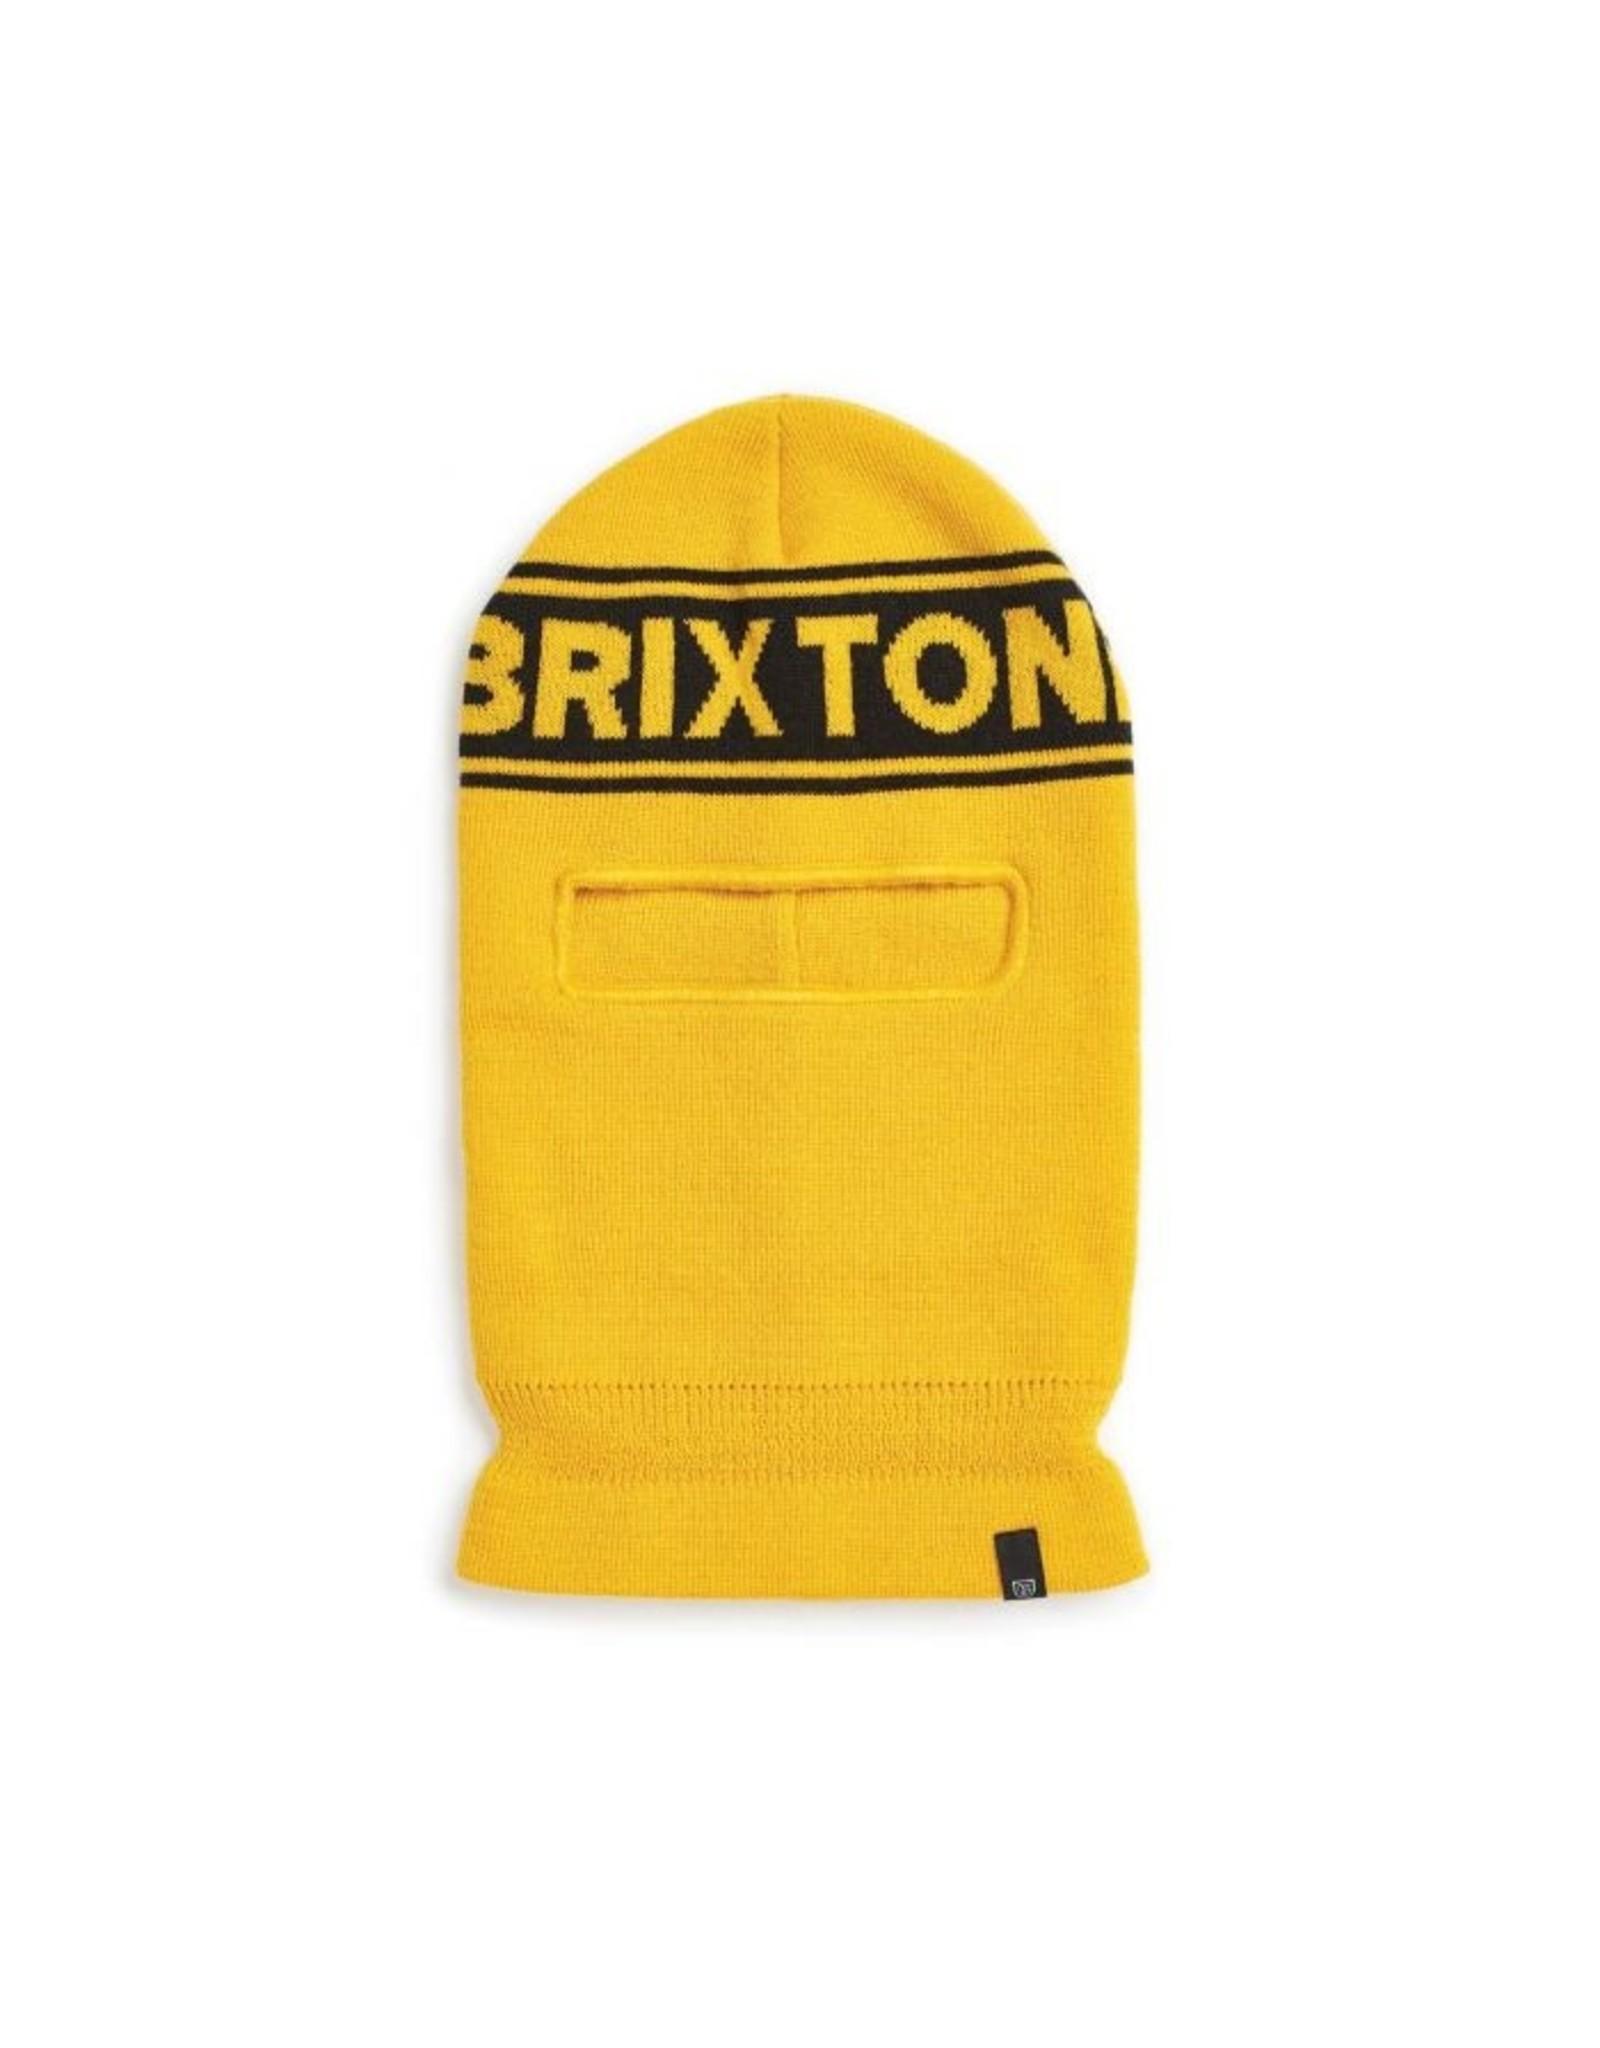 BRIXTON BRIXTON - SPROCKET FACE MASK - YELLOW/BLACK